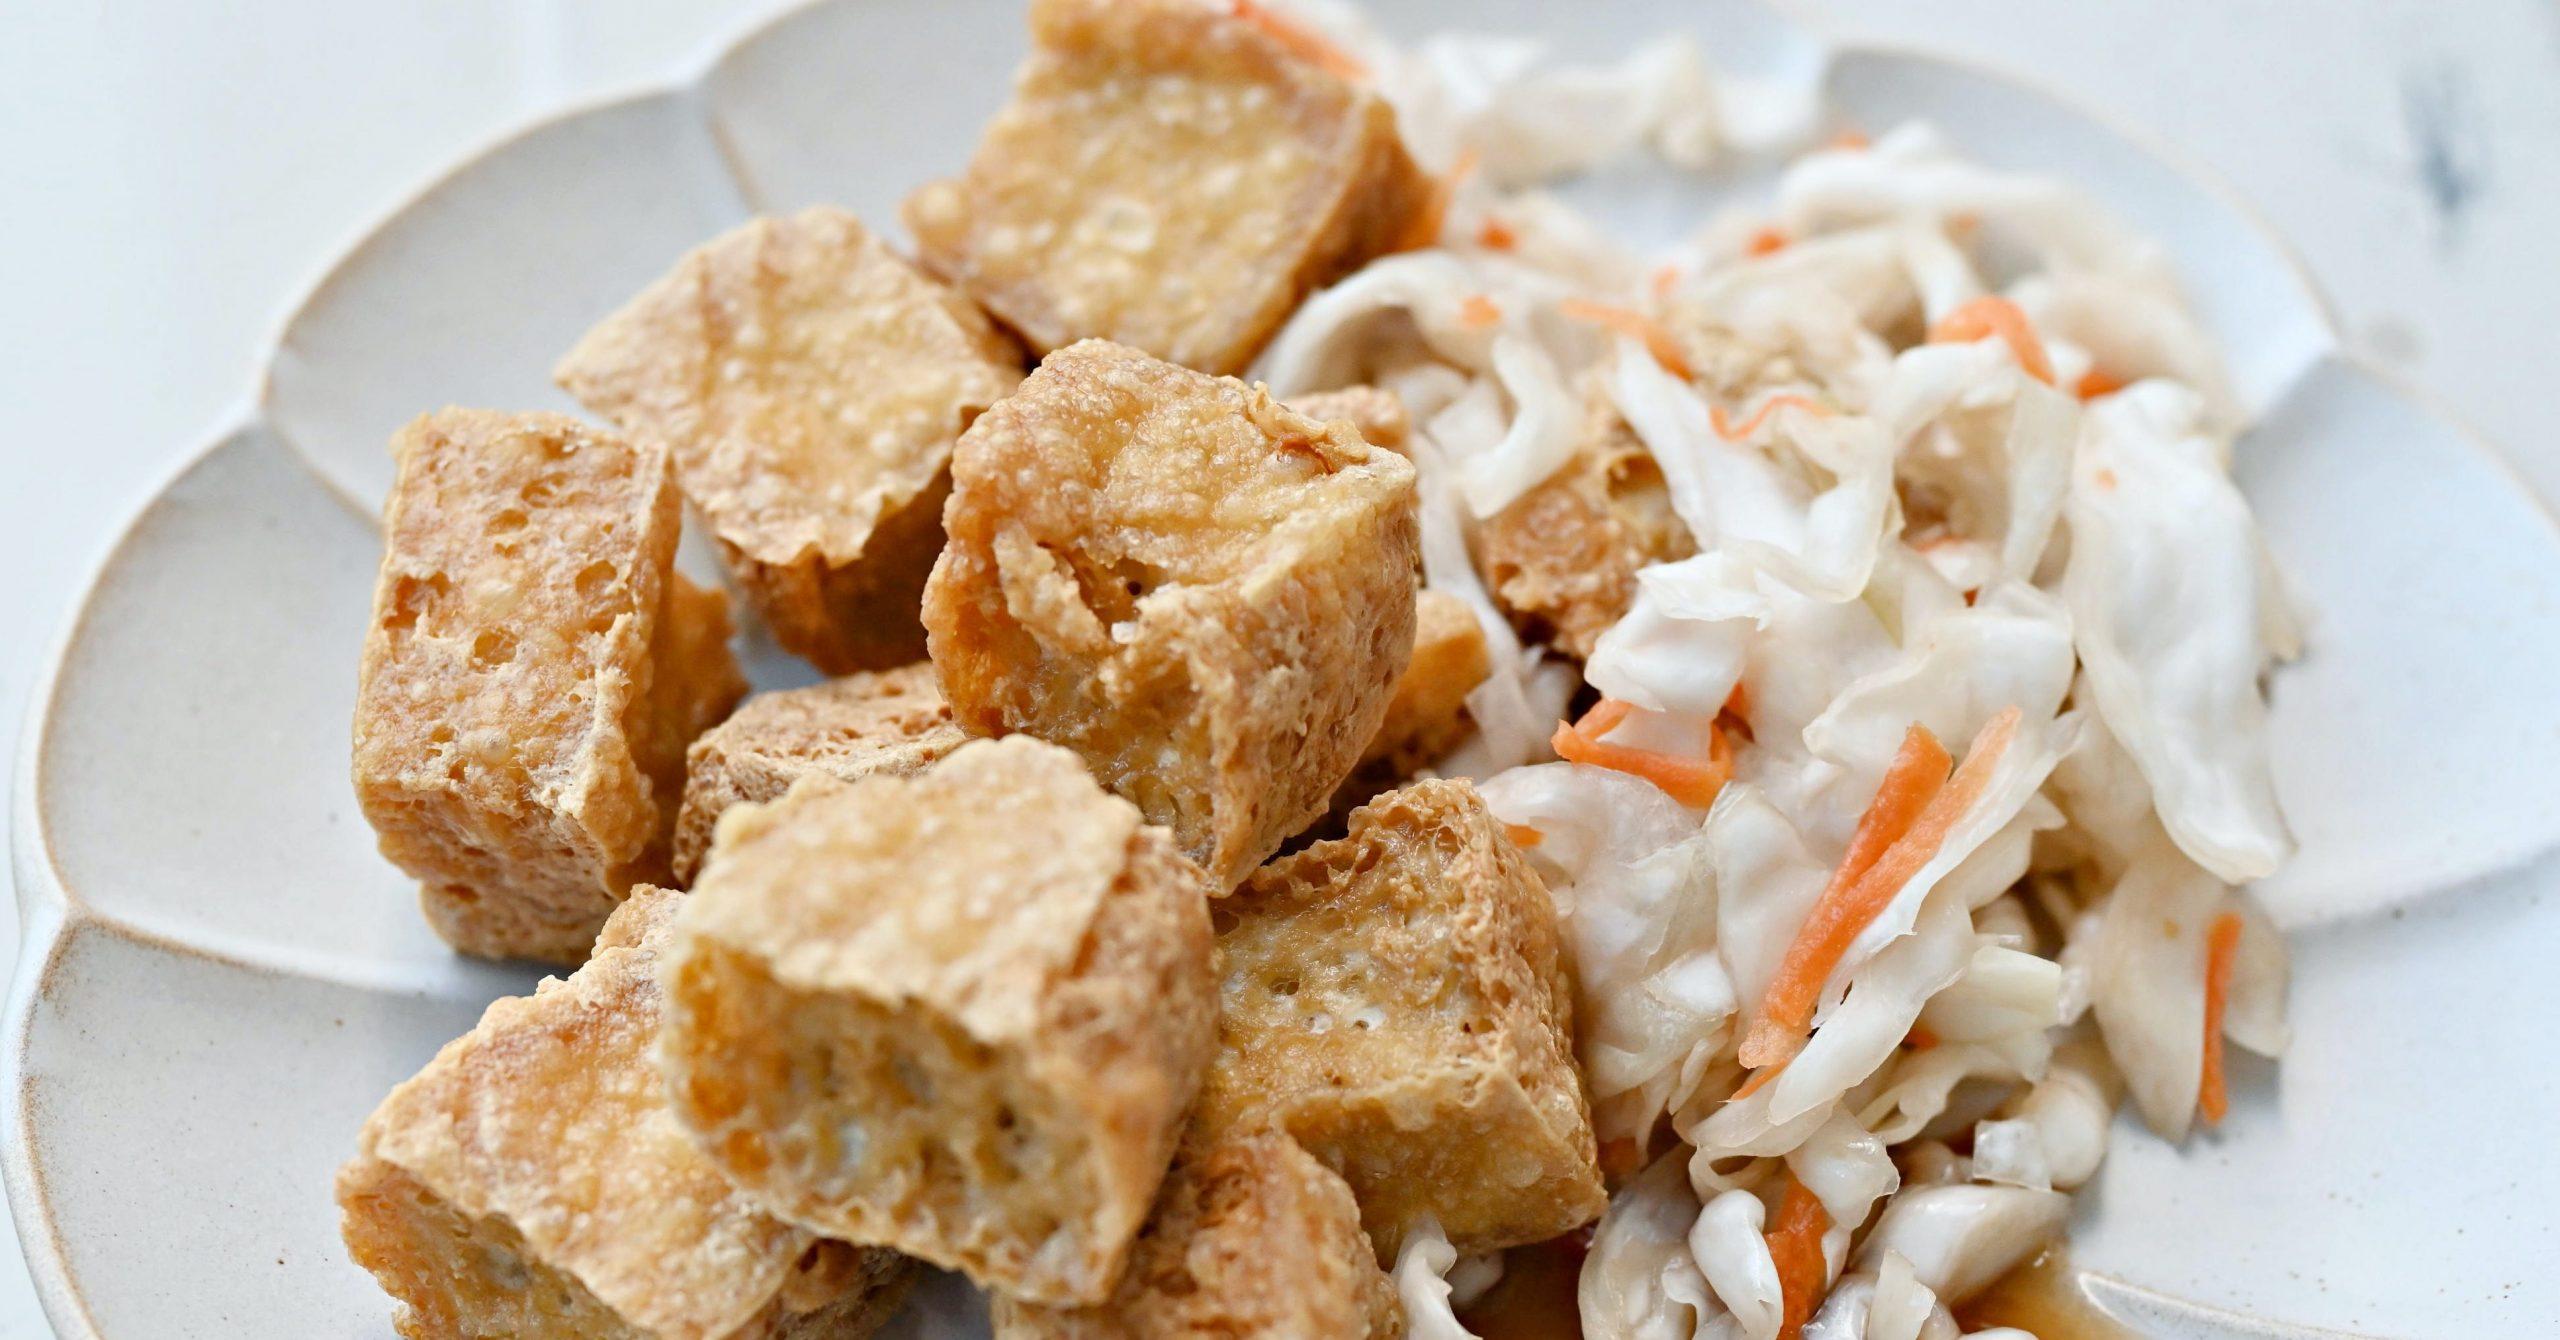 網站近期文章:【三重美食】林記臭豆腐&大腸麵線,三重台北橋站在地美食小吃